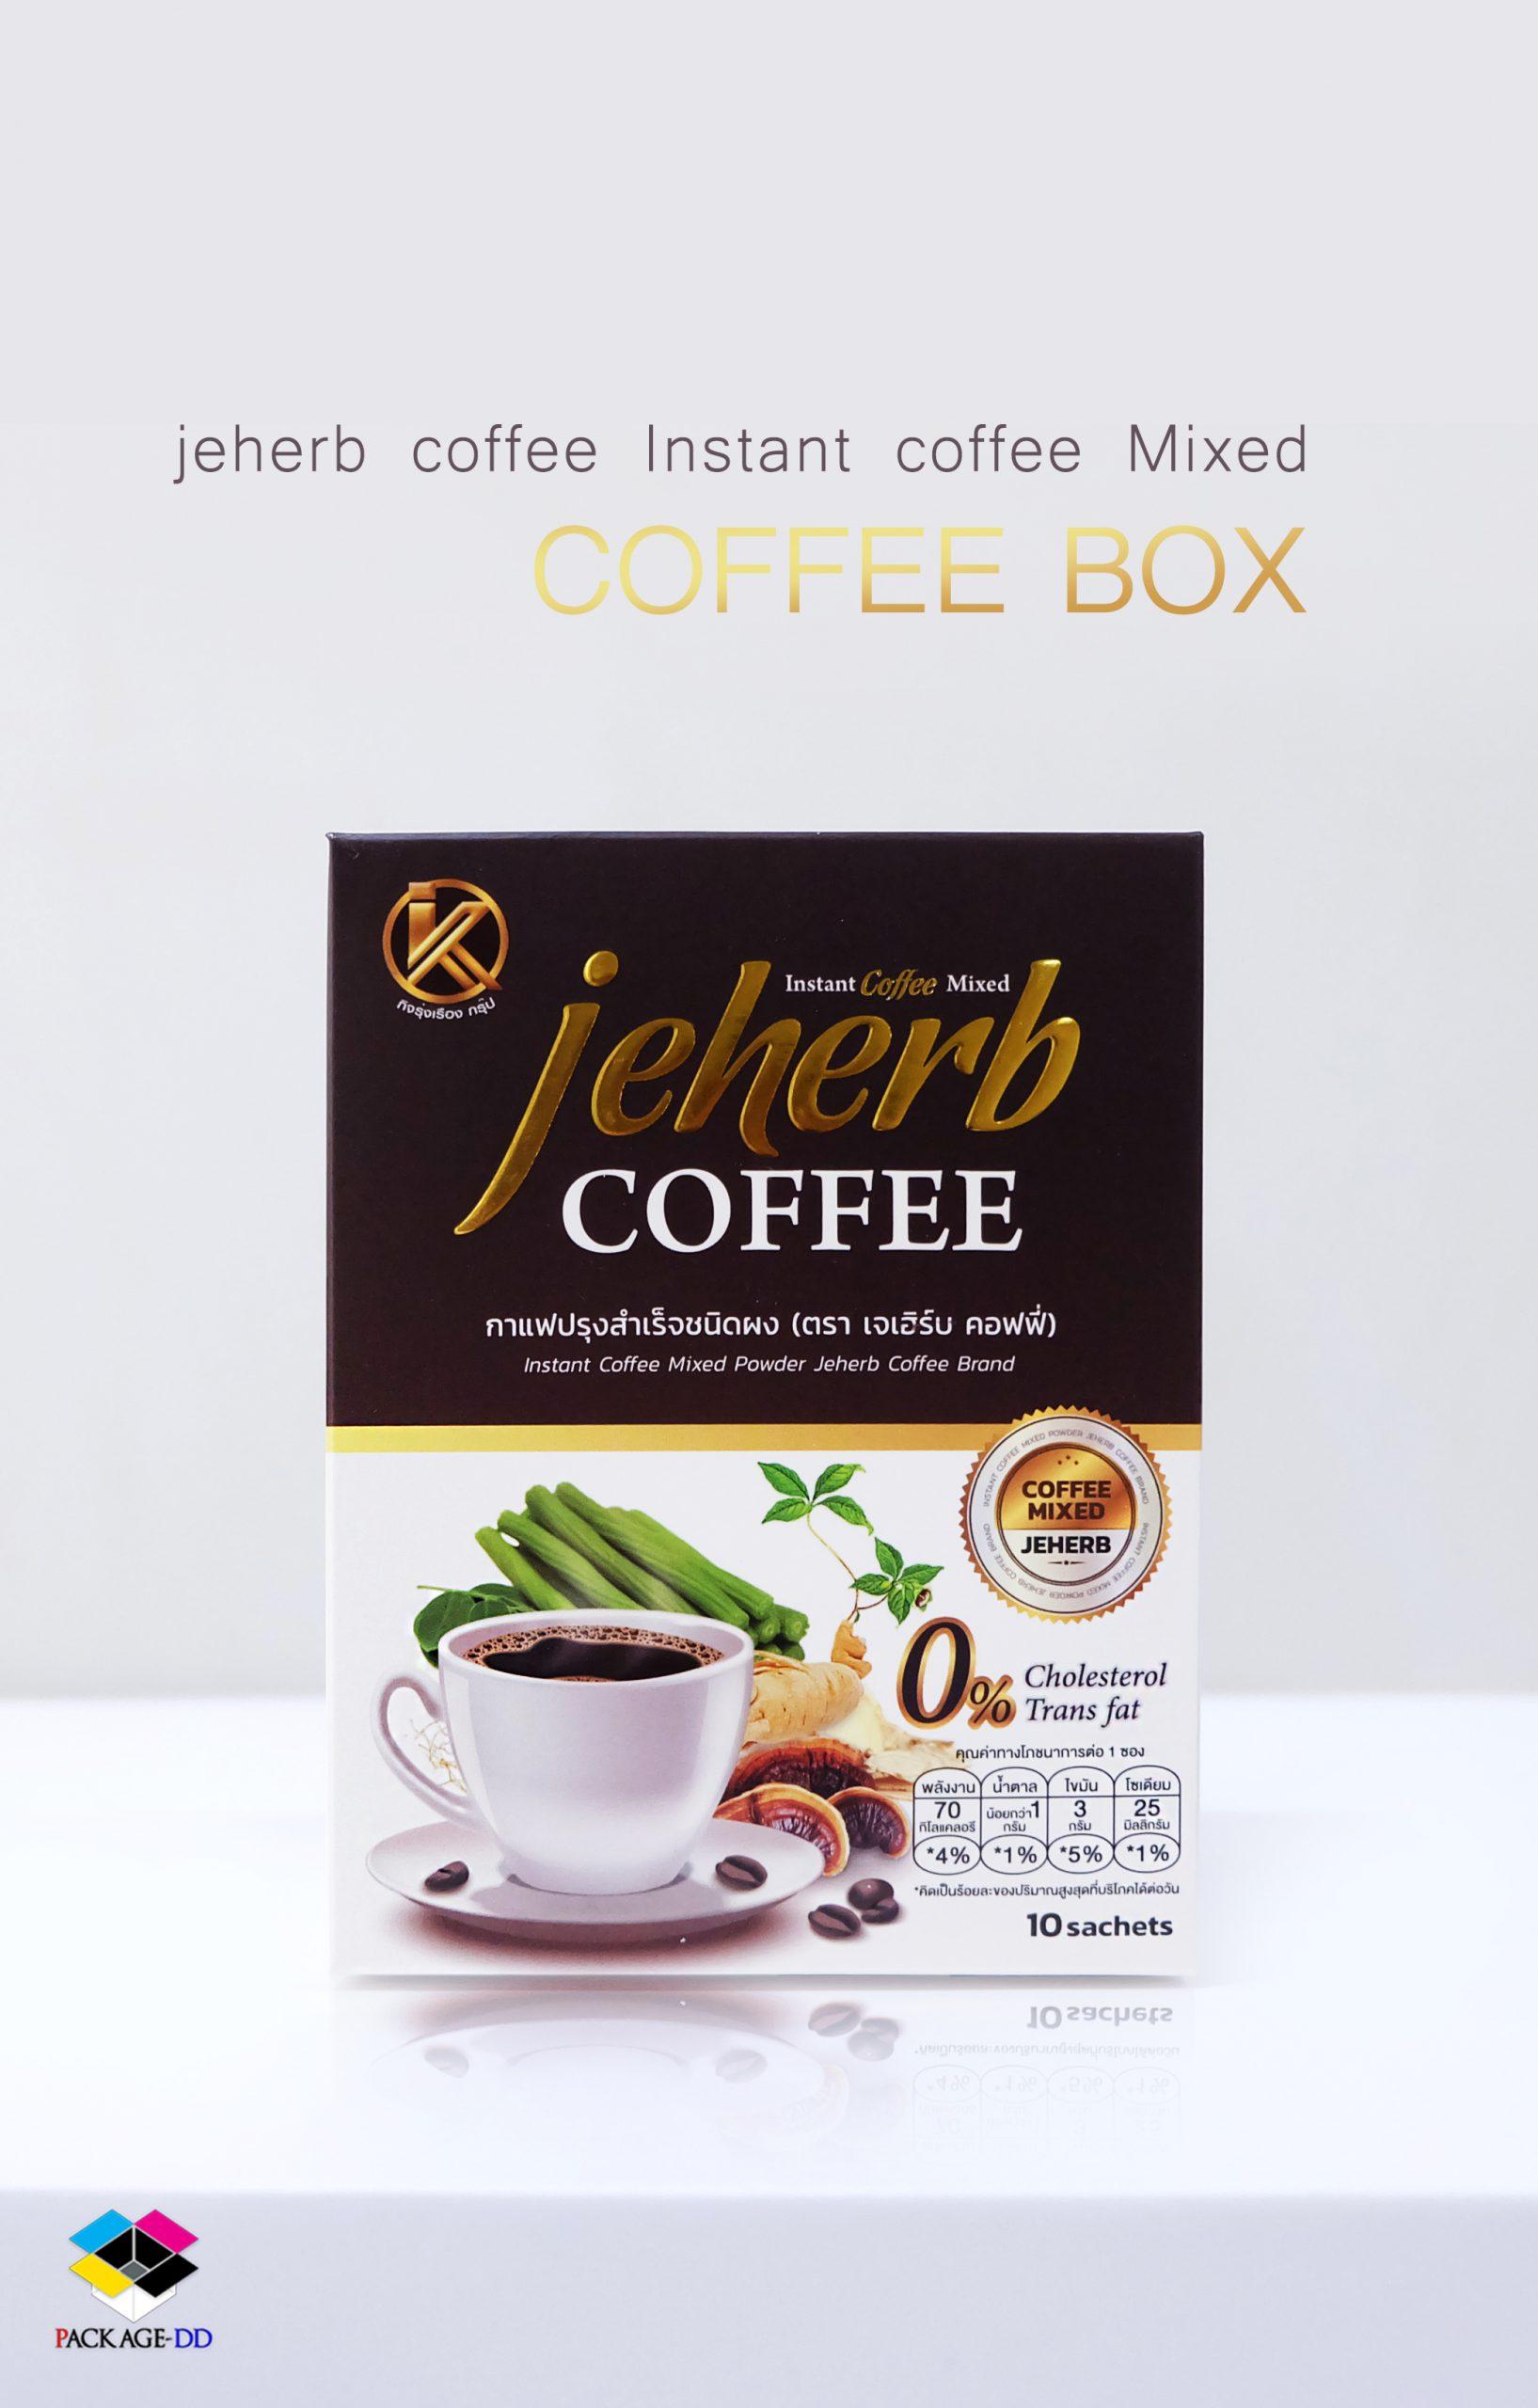 รับผลิตกล่องกาแฟ ซองกาแฟ